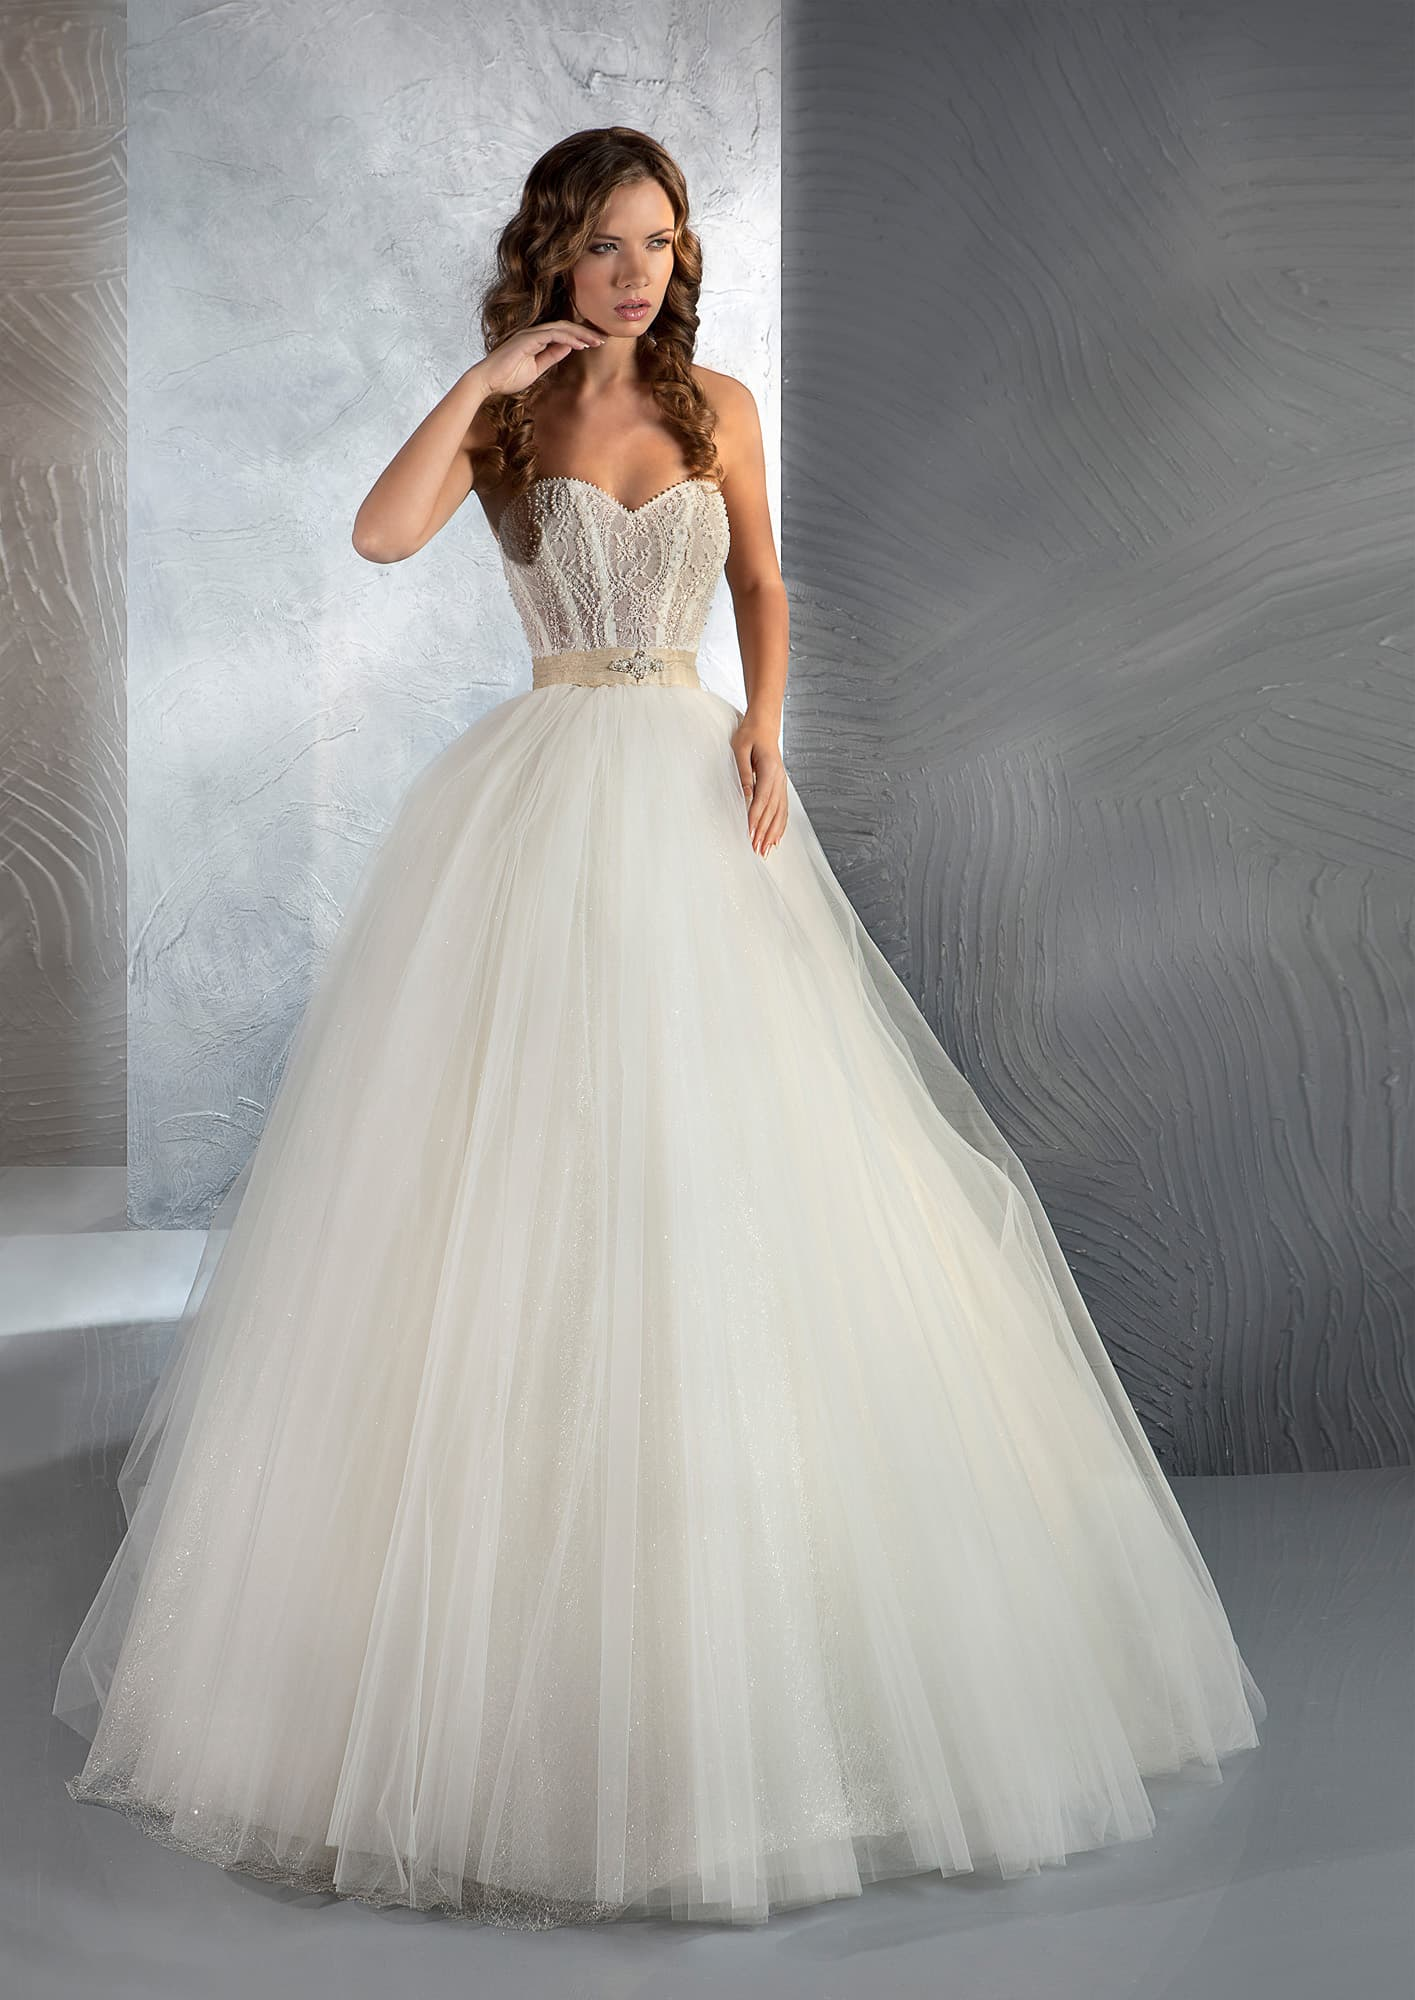 Пышное свадебное платье с открытым корсетом, украшенным вышивкой и атласным поясом.